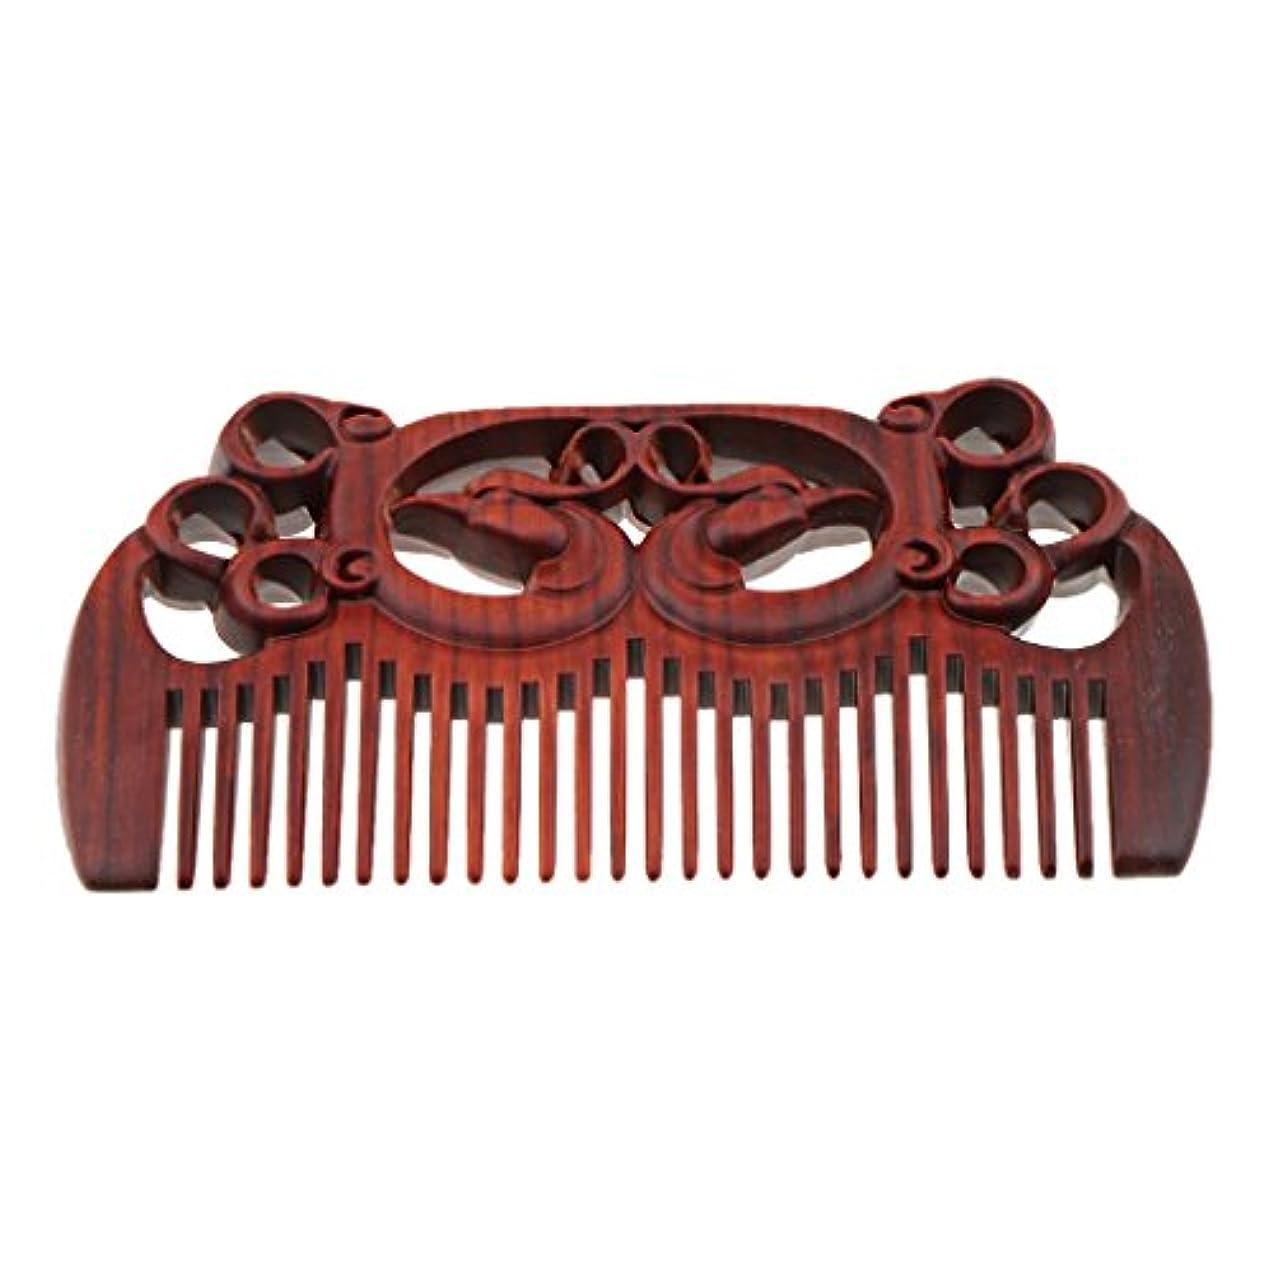 夜間反対以下Fenteer 木製櫛 頭皮マッサージ 櫛 ワイド歯 ヘアコーム ヘアブラシ ヘアスタイリング 高品質 2タイプ選べる - #1